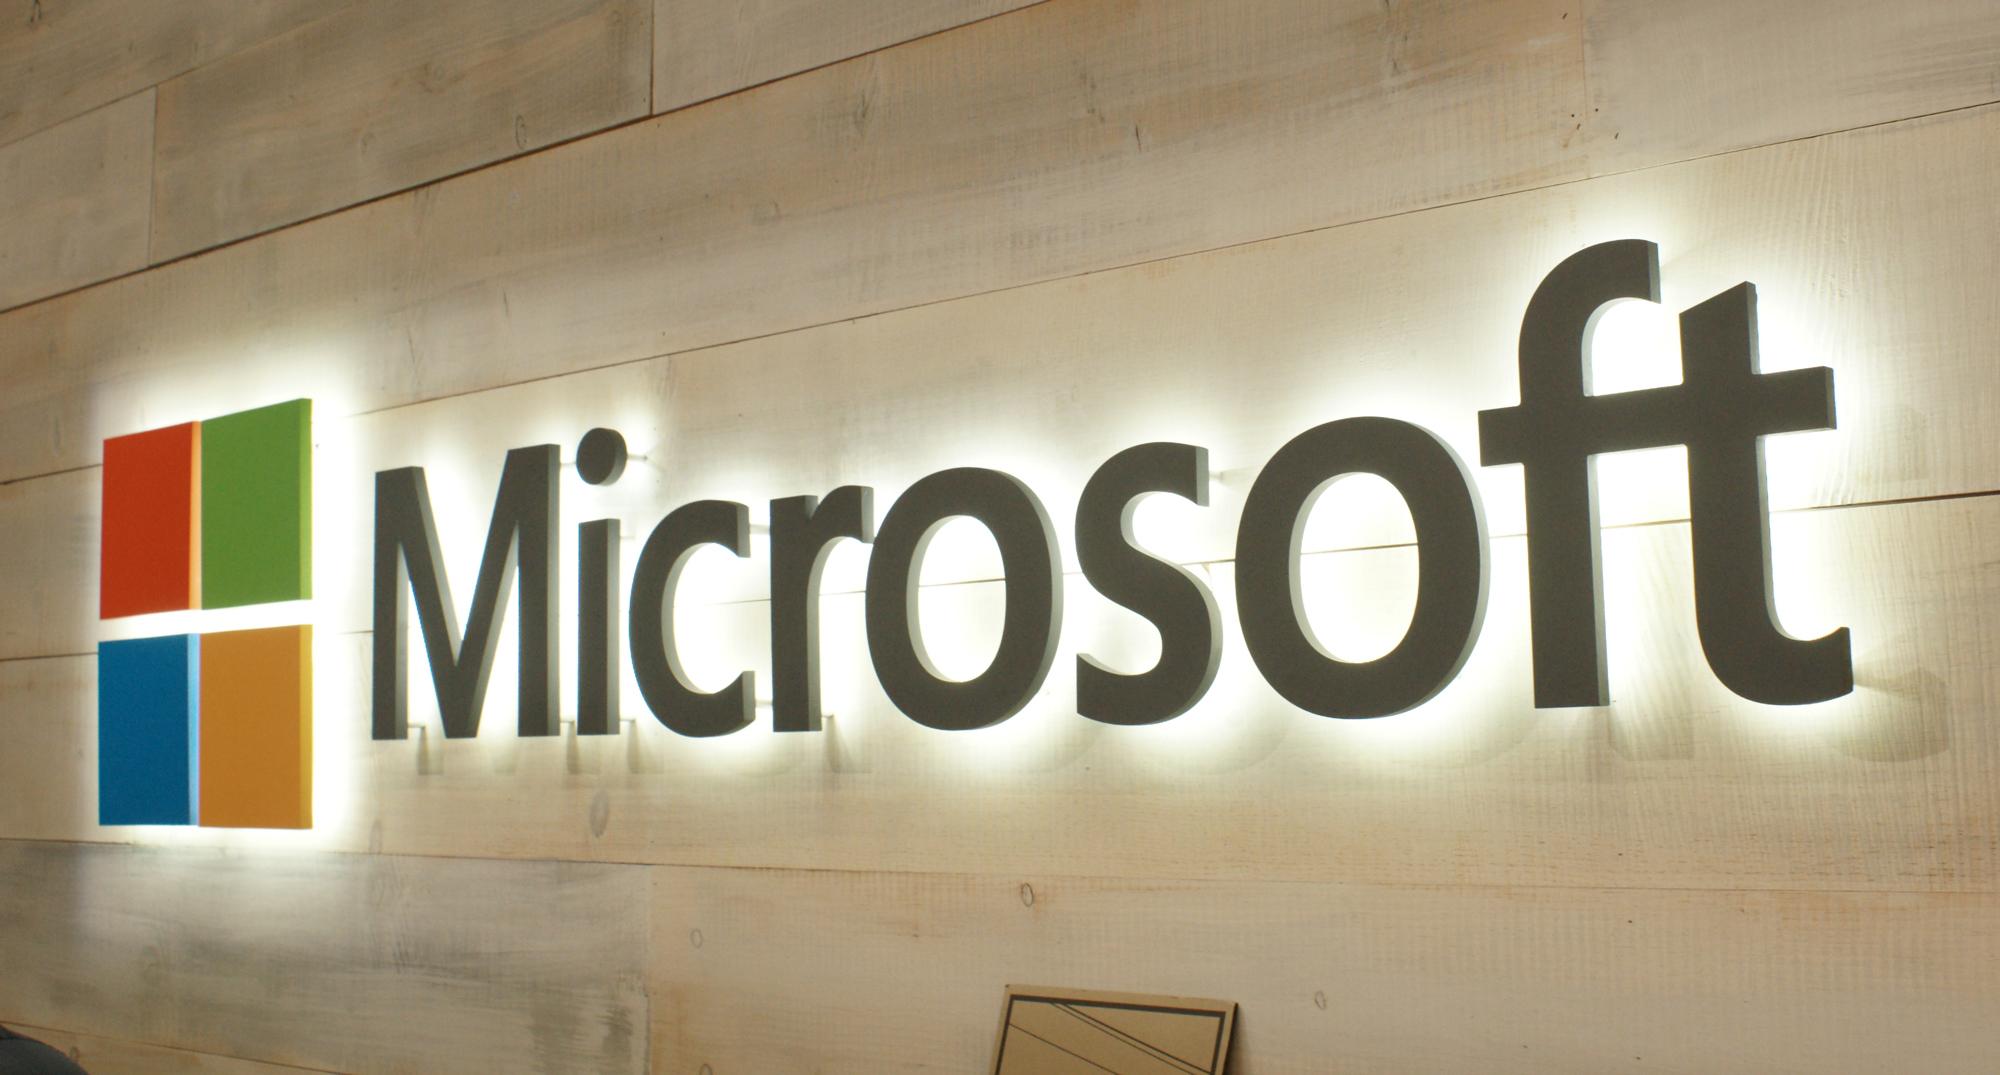 Microsoft : l'insécurité représente un sérieux problème pour les services cloud